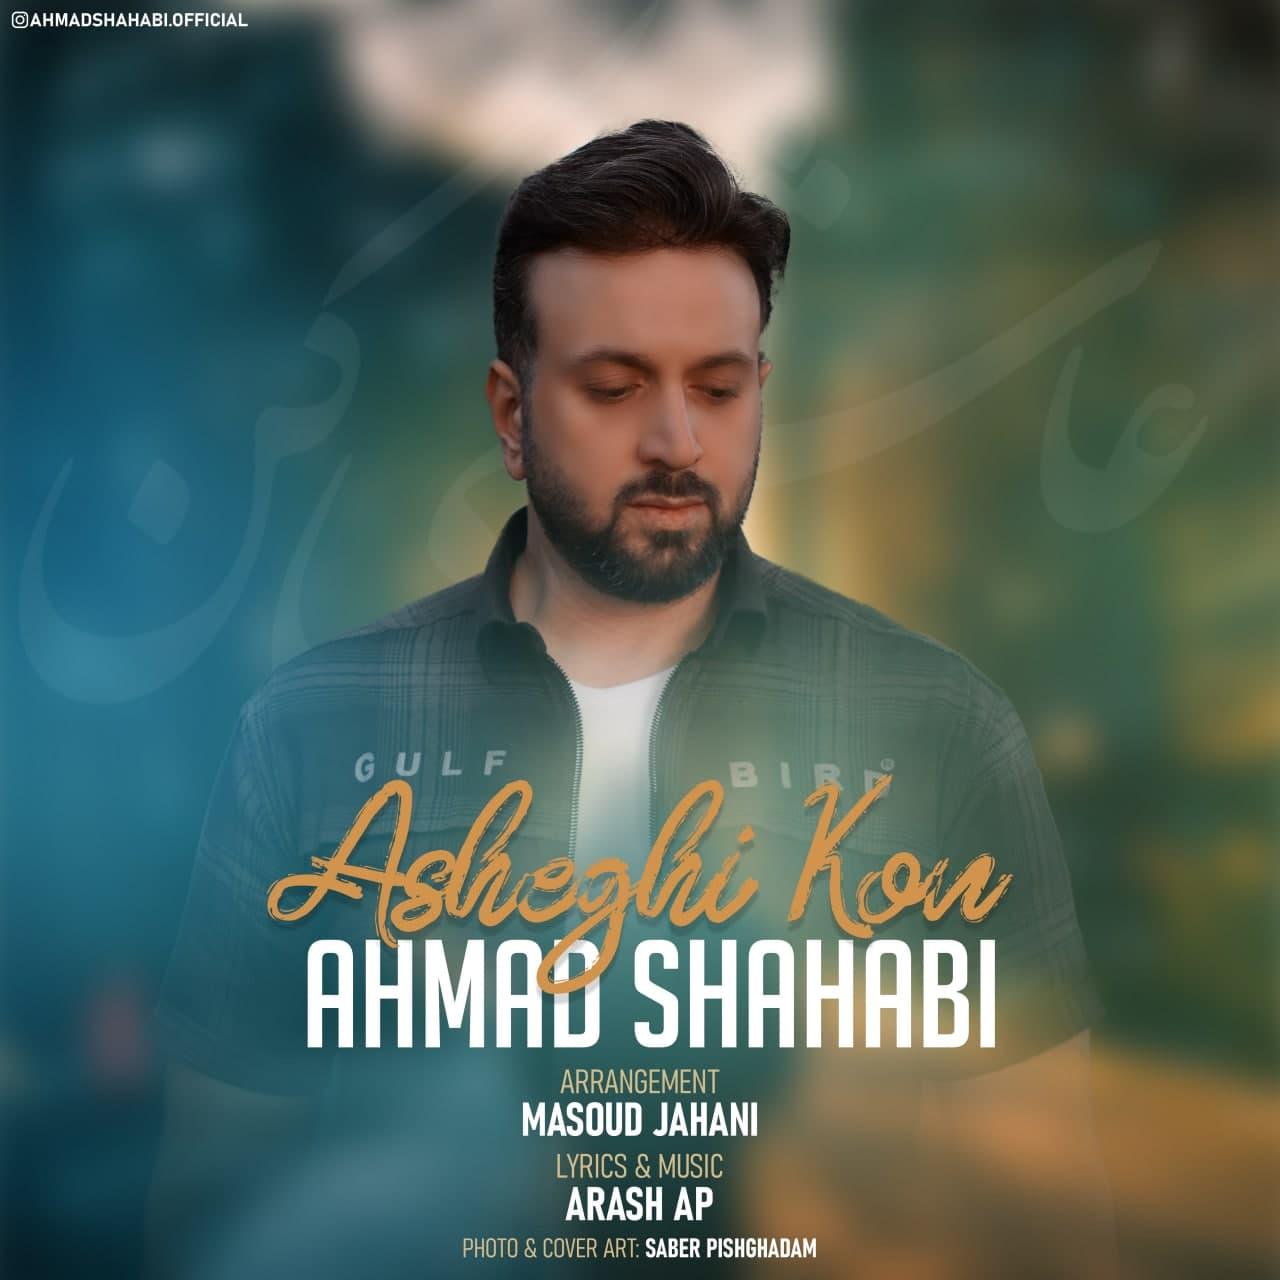 دانلود آهنگ جدید احمد شهابی بنام عاشقی کن